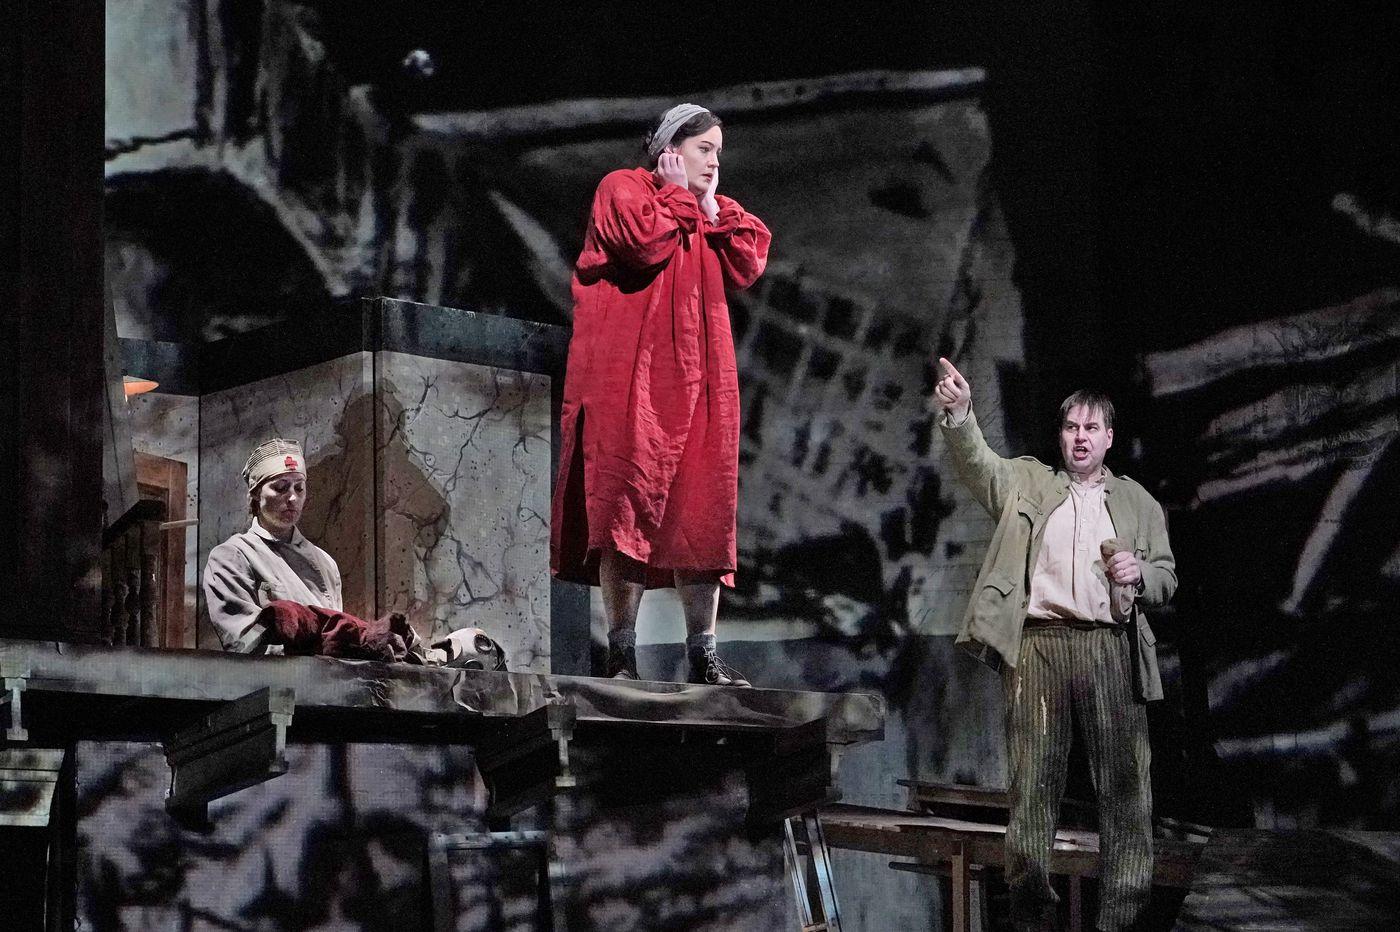 Yannick Nézet-Séguin unleashes 'Wozzeck' at the Met